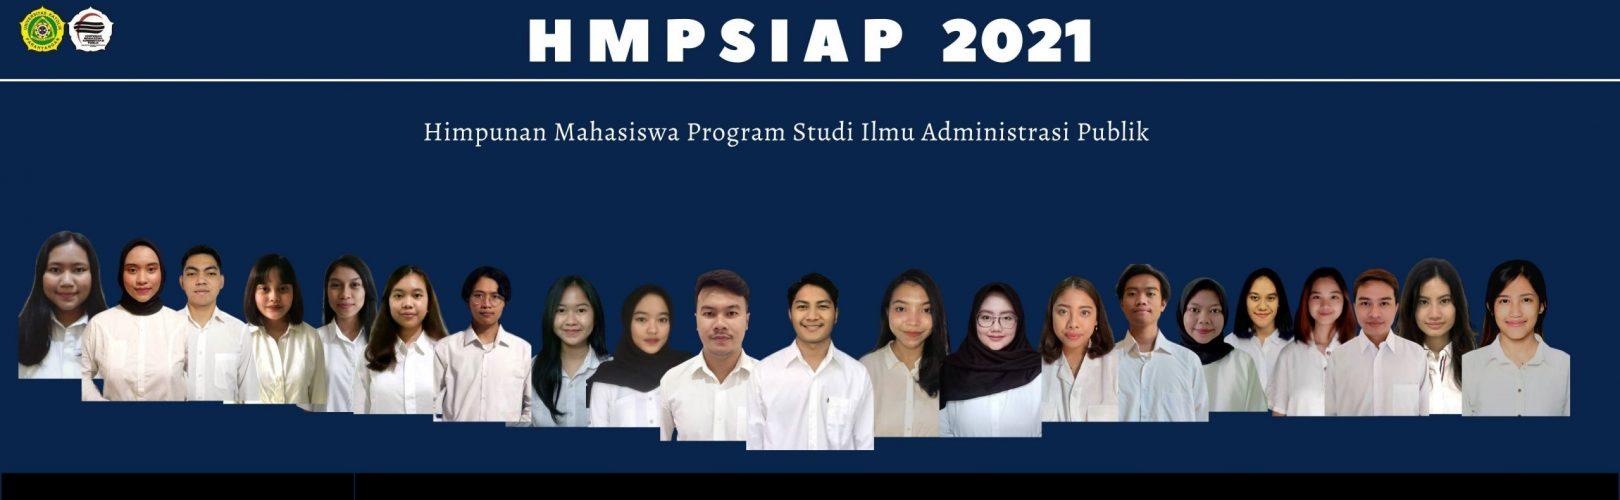 HMPSIAP 2021 - Darell Daniswara